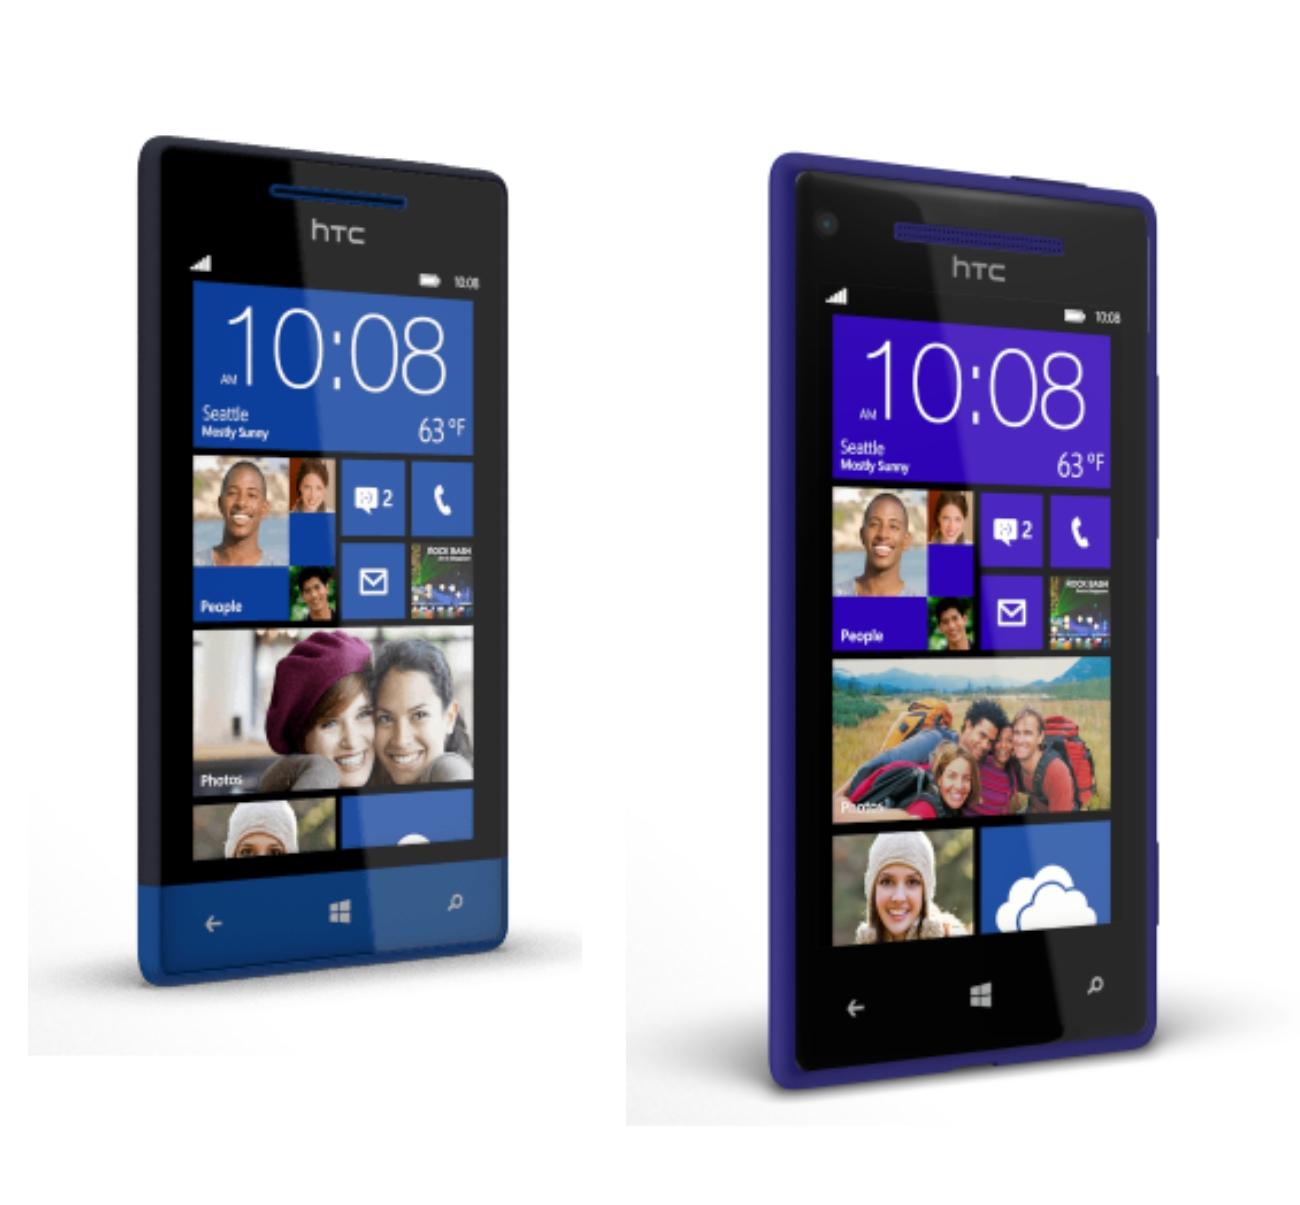 Htc windows phone 8x le est pictures - Htc 8s Htc 8x Windows Phone